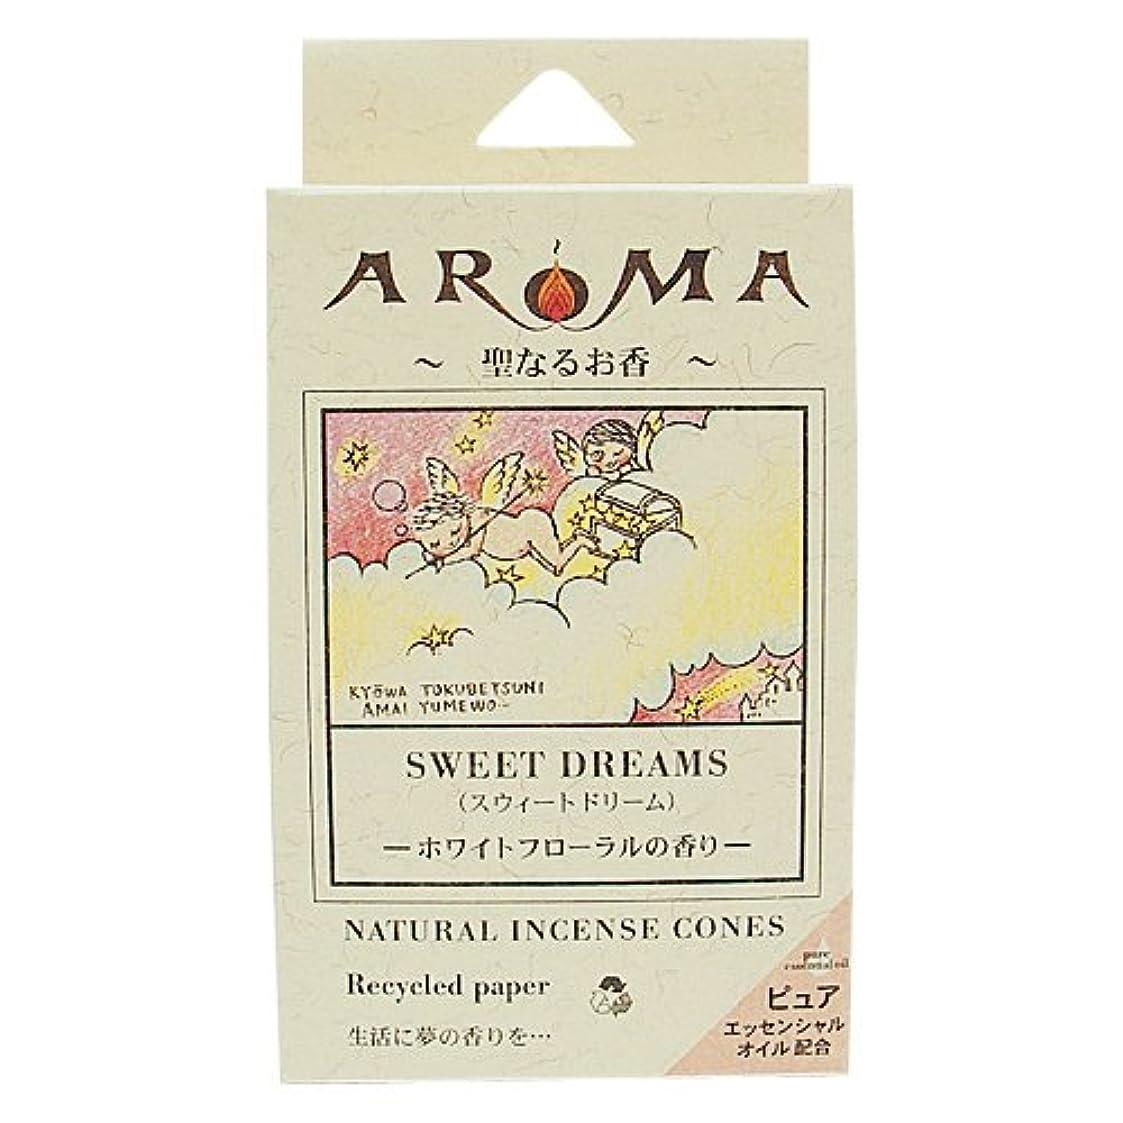 維持王族再生的アロマ香 スウィートドリーム 16粒(コーンタイプインセンス 1粒の燃焼時間約20分 ホワイトフローラルの香り)